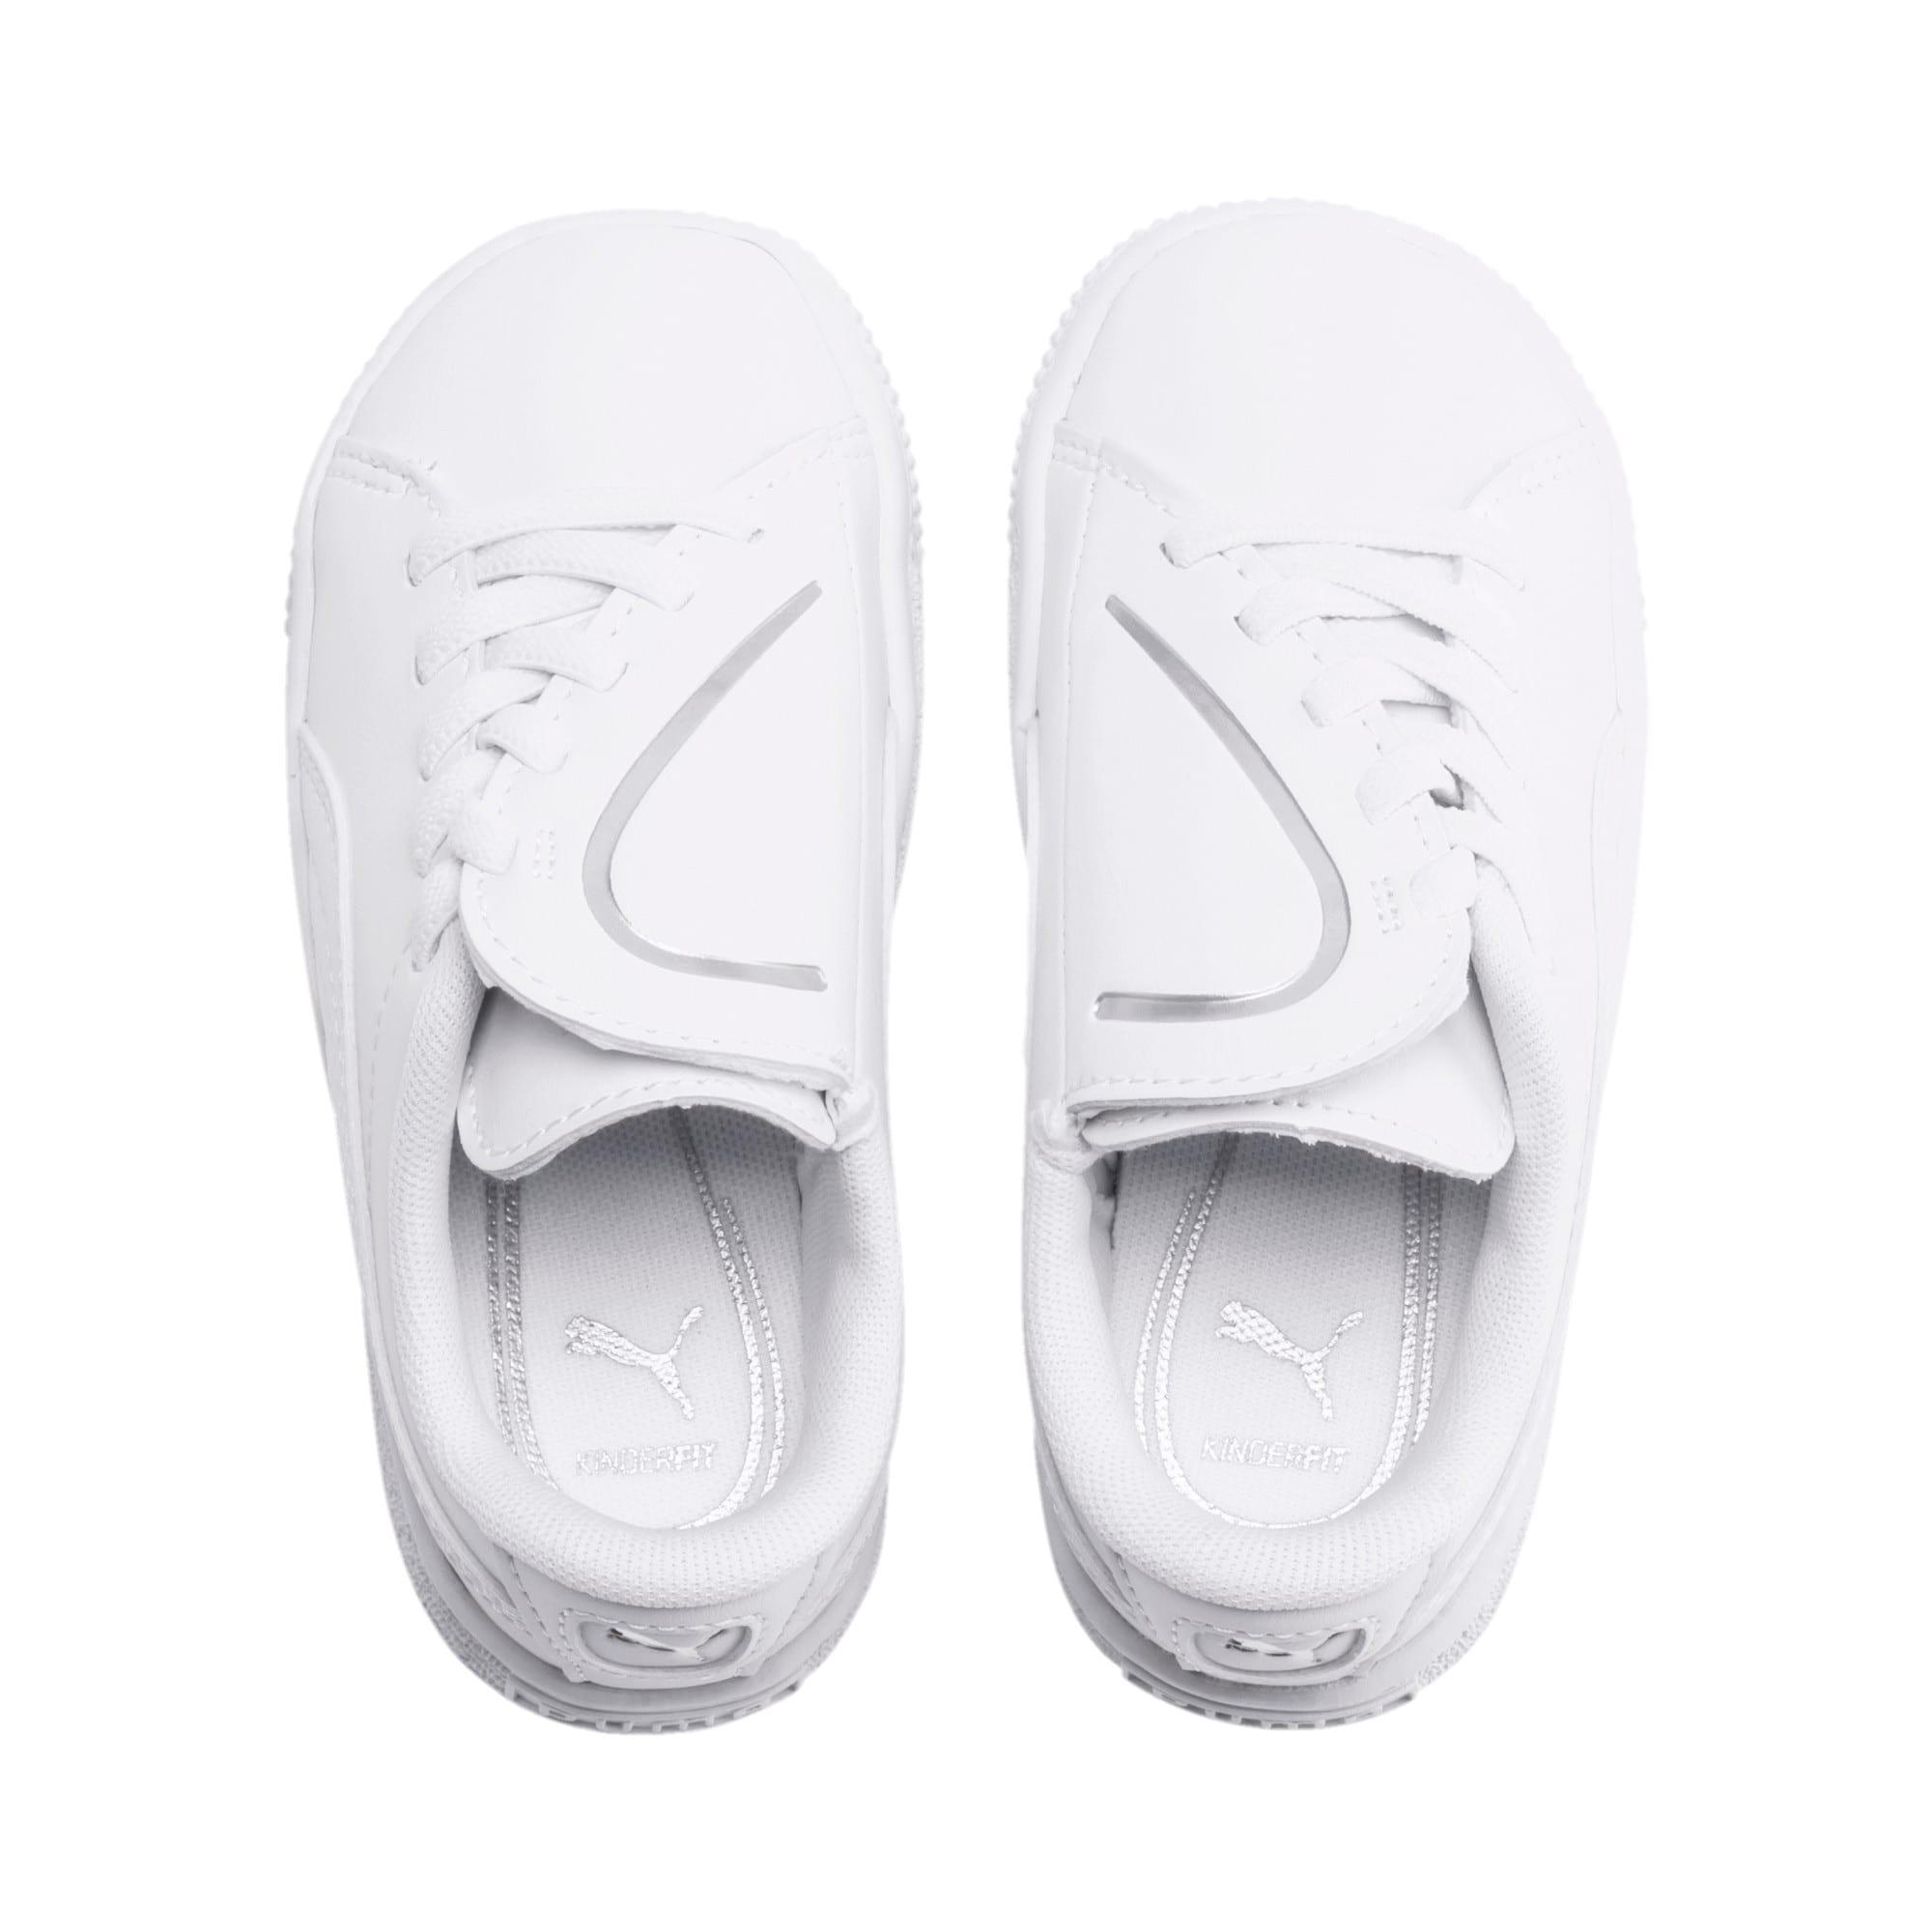 Miniatura 6 de Zapatos Basket Crush AC para bebés, Puma White-Puma Silver, mediano